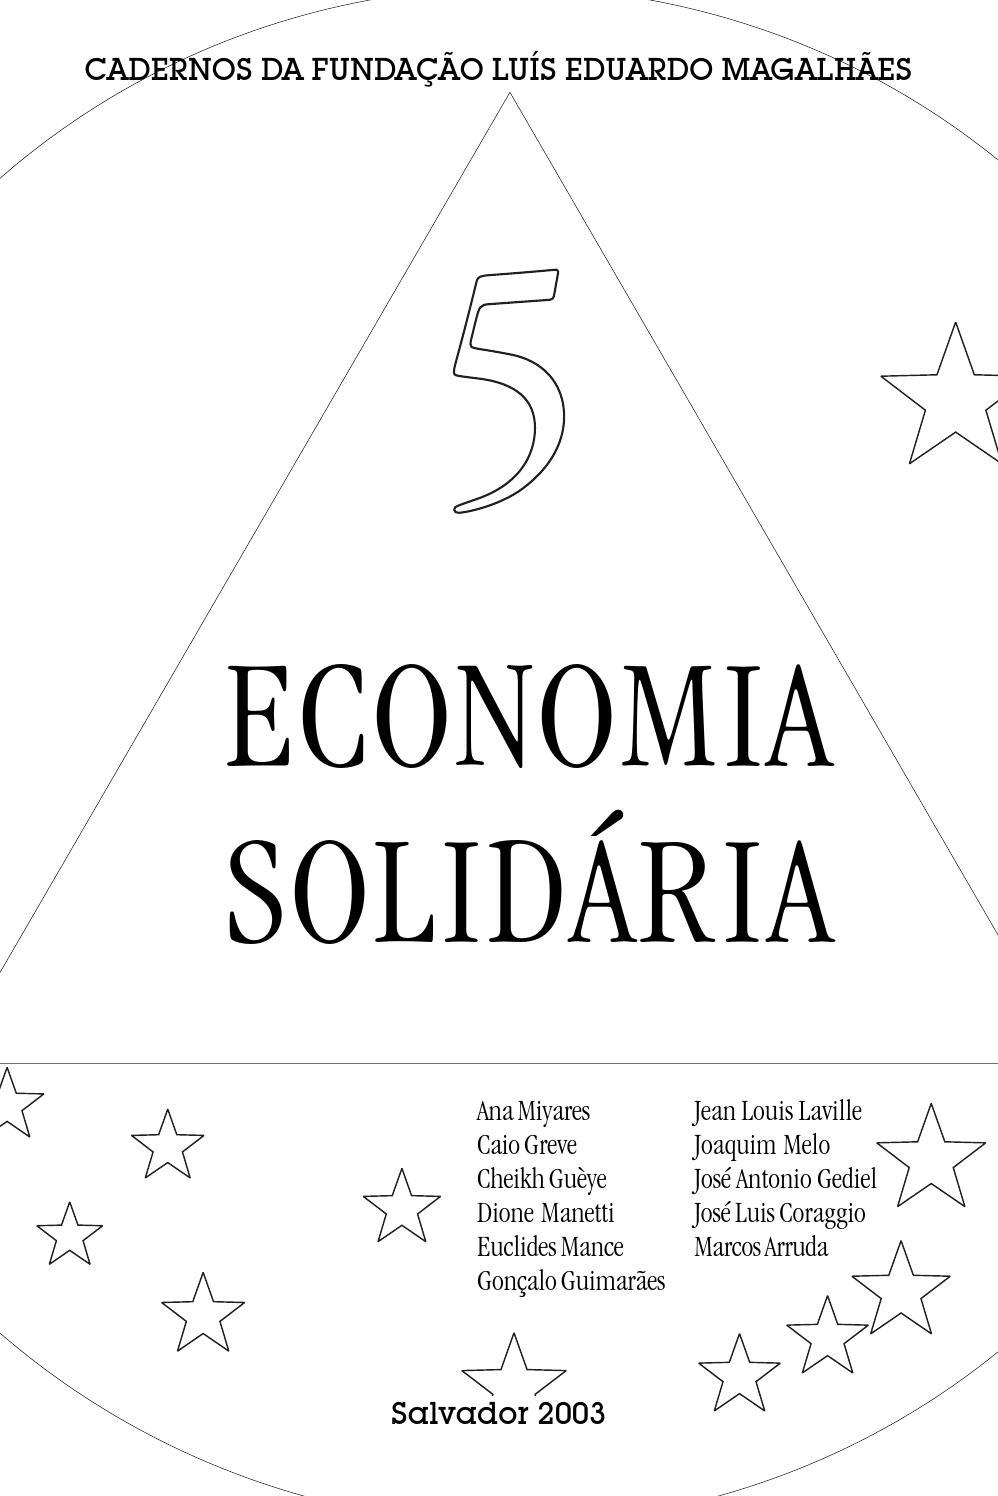 economia solid u00e1ria by funda u00e7 u00e3o lu u00eds eduardo magalh u00e3es